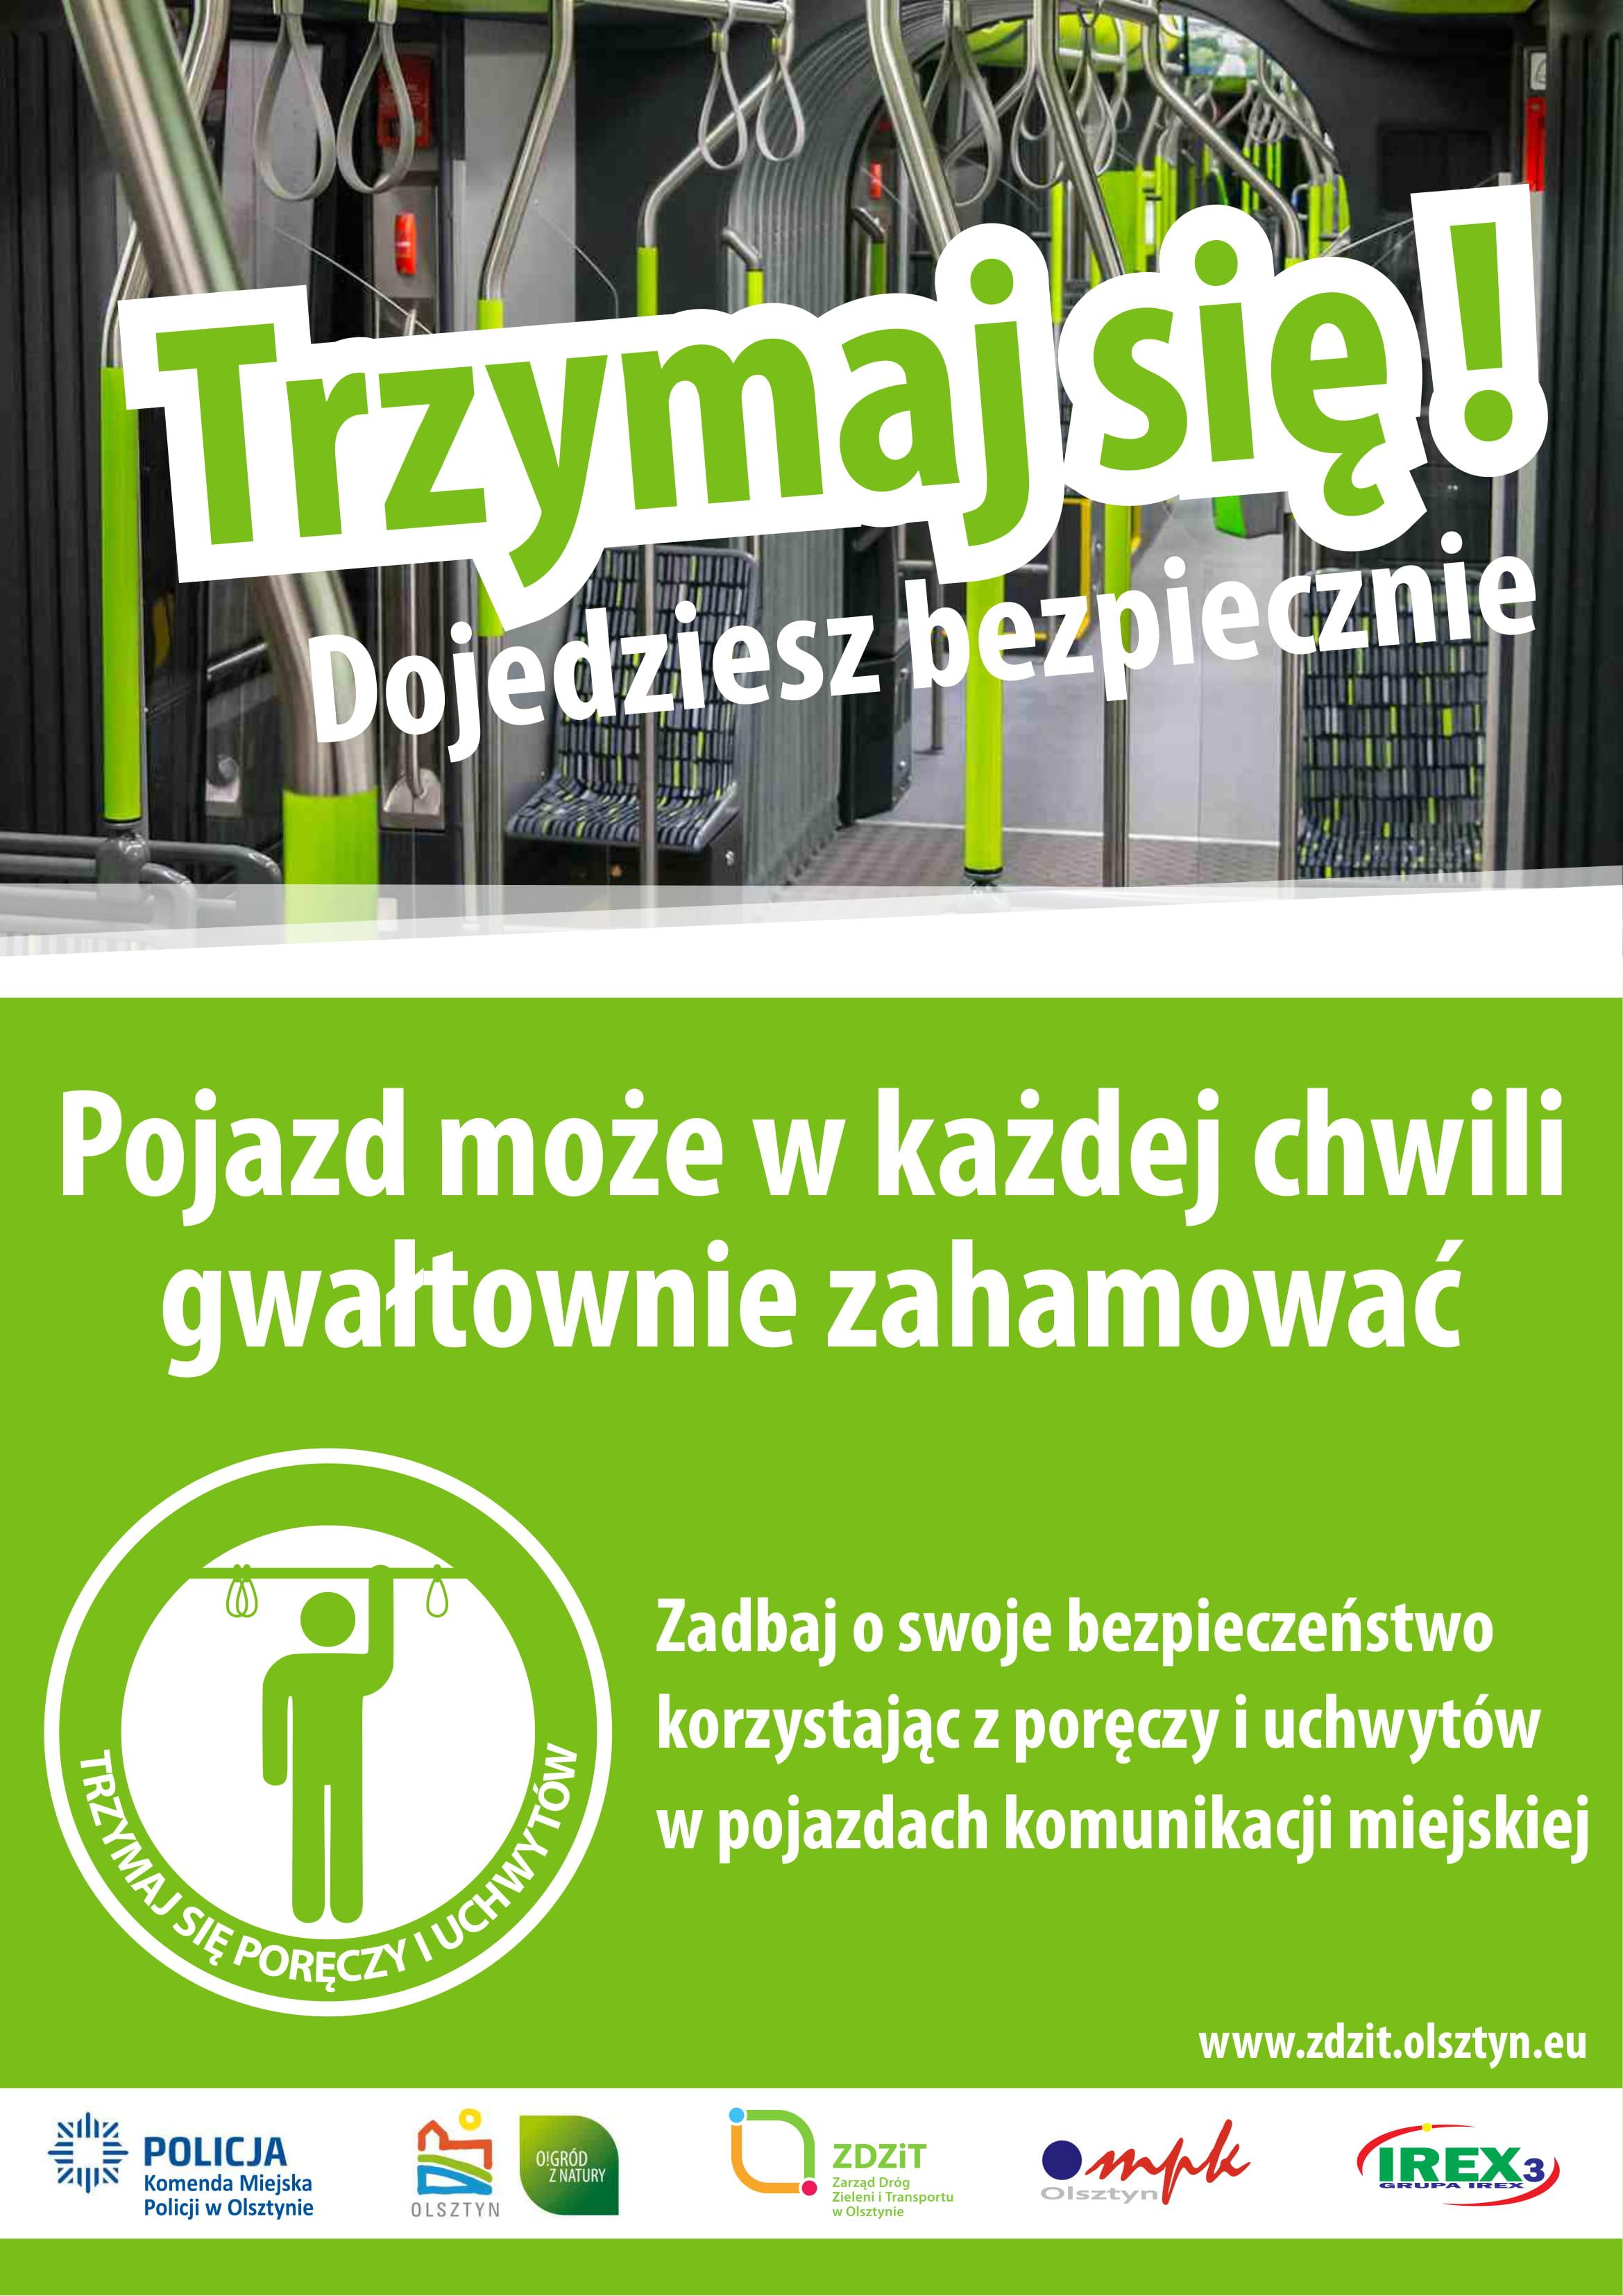 Obowiązek trzymania się podczas jazdy poręczy lub uchwytów jest wpisany w regulamin ZDZiT w Olsztynie (fot. KMP Olsztyn)